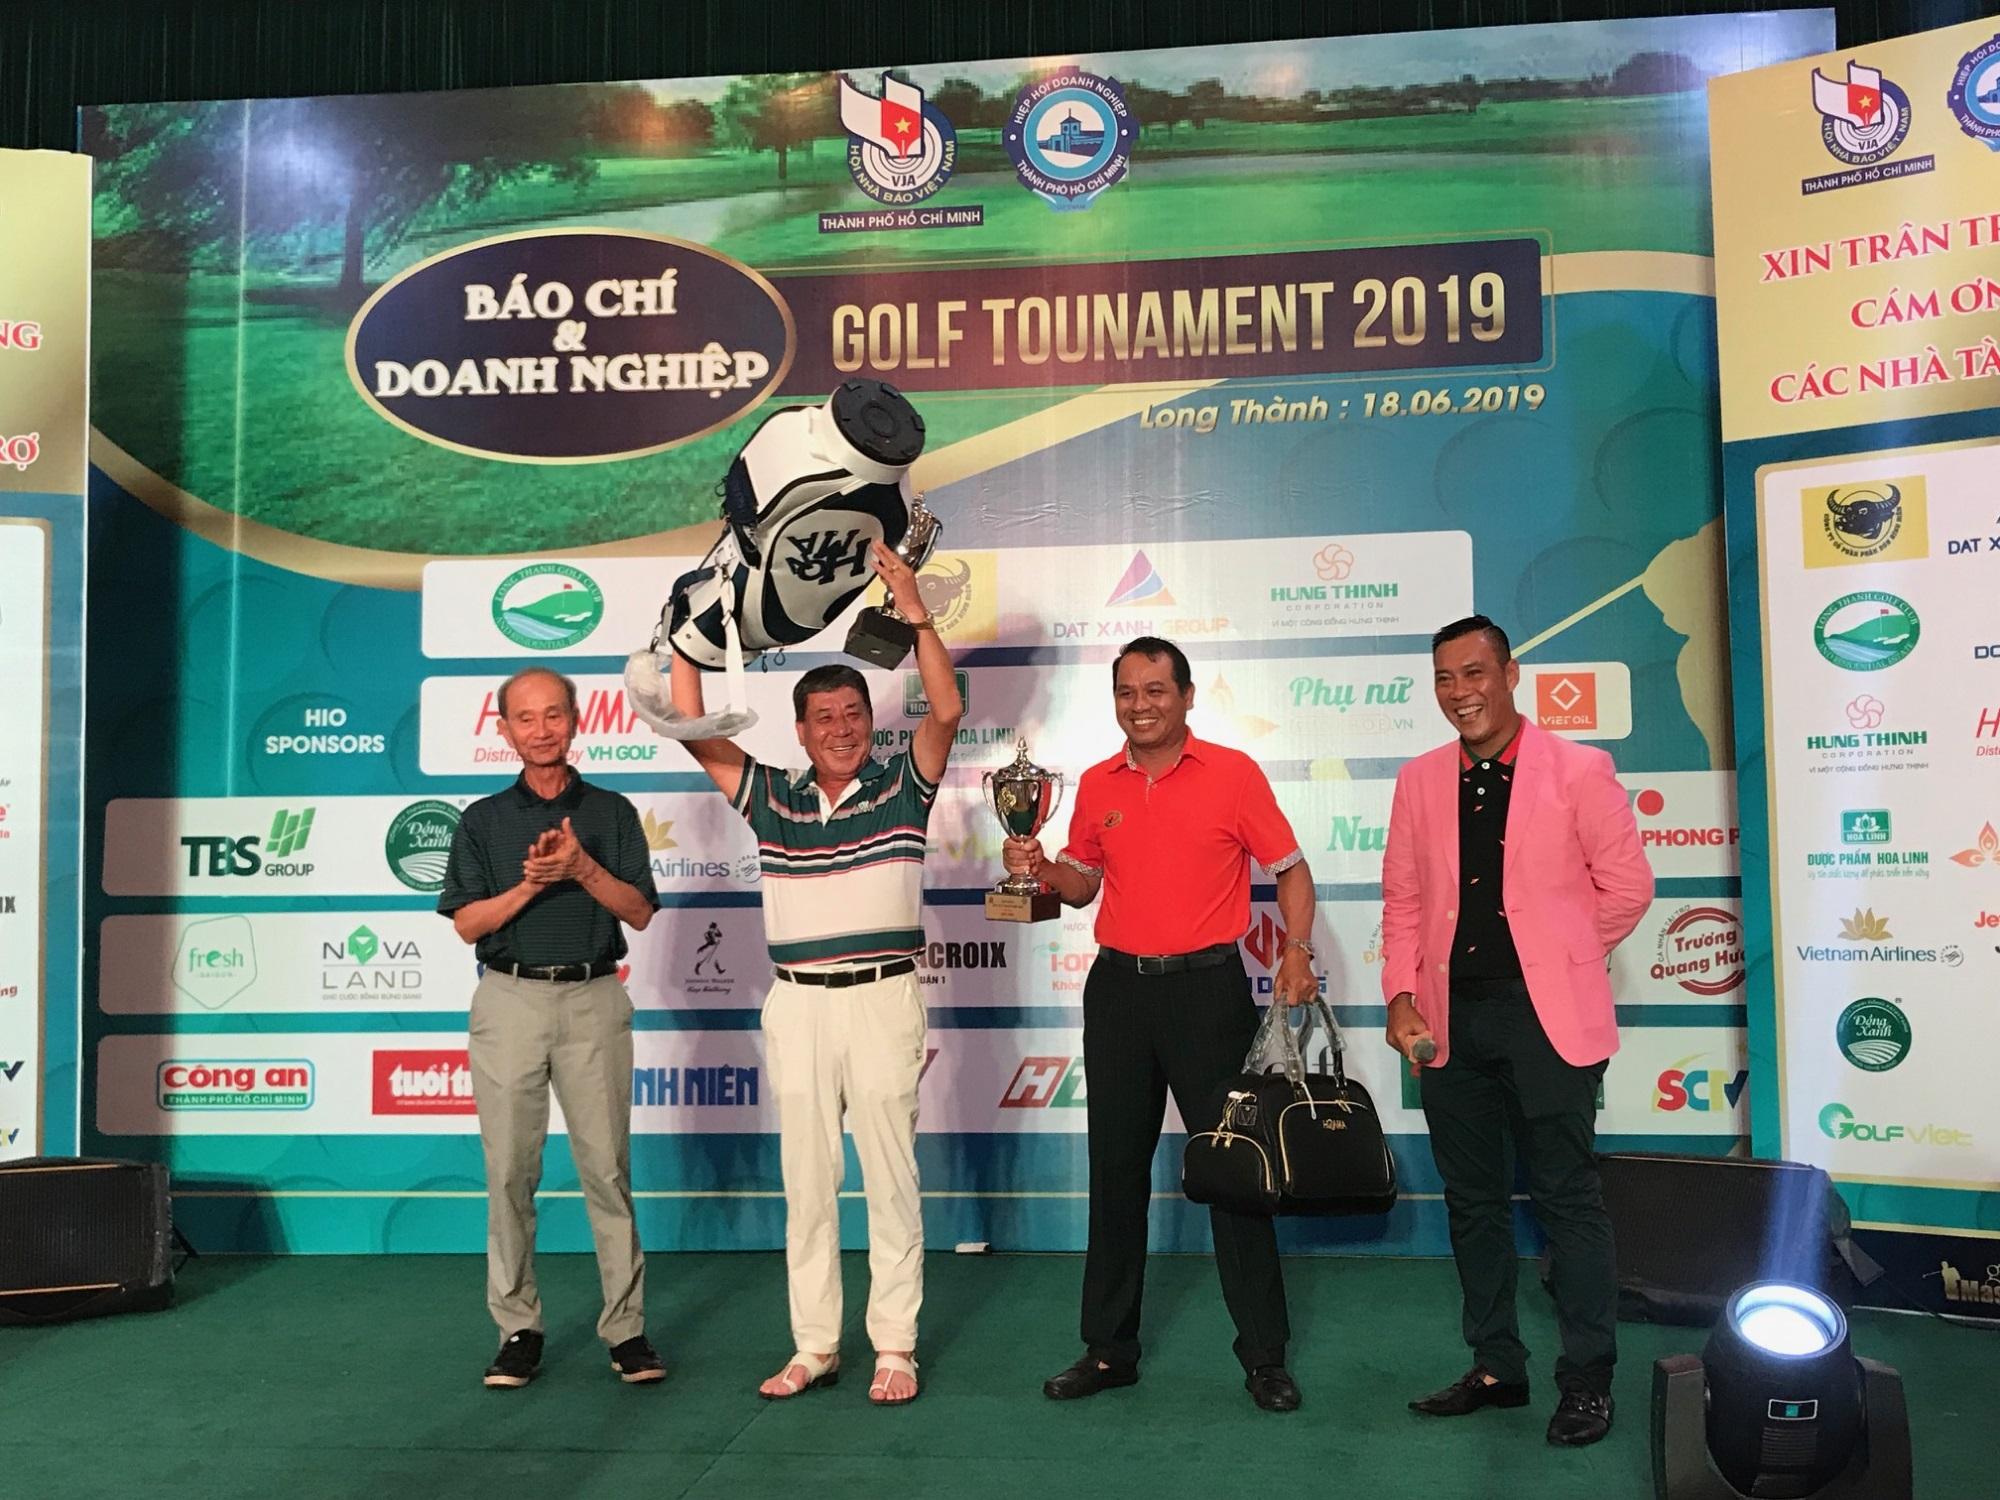 Tưng bừng giải Golf Báo chí và Doanh nghiệp 2019 mừng ngày Báo chí Cách mạng Việt Nam - Ảnh 5